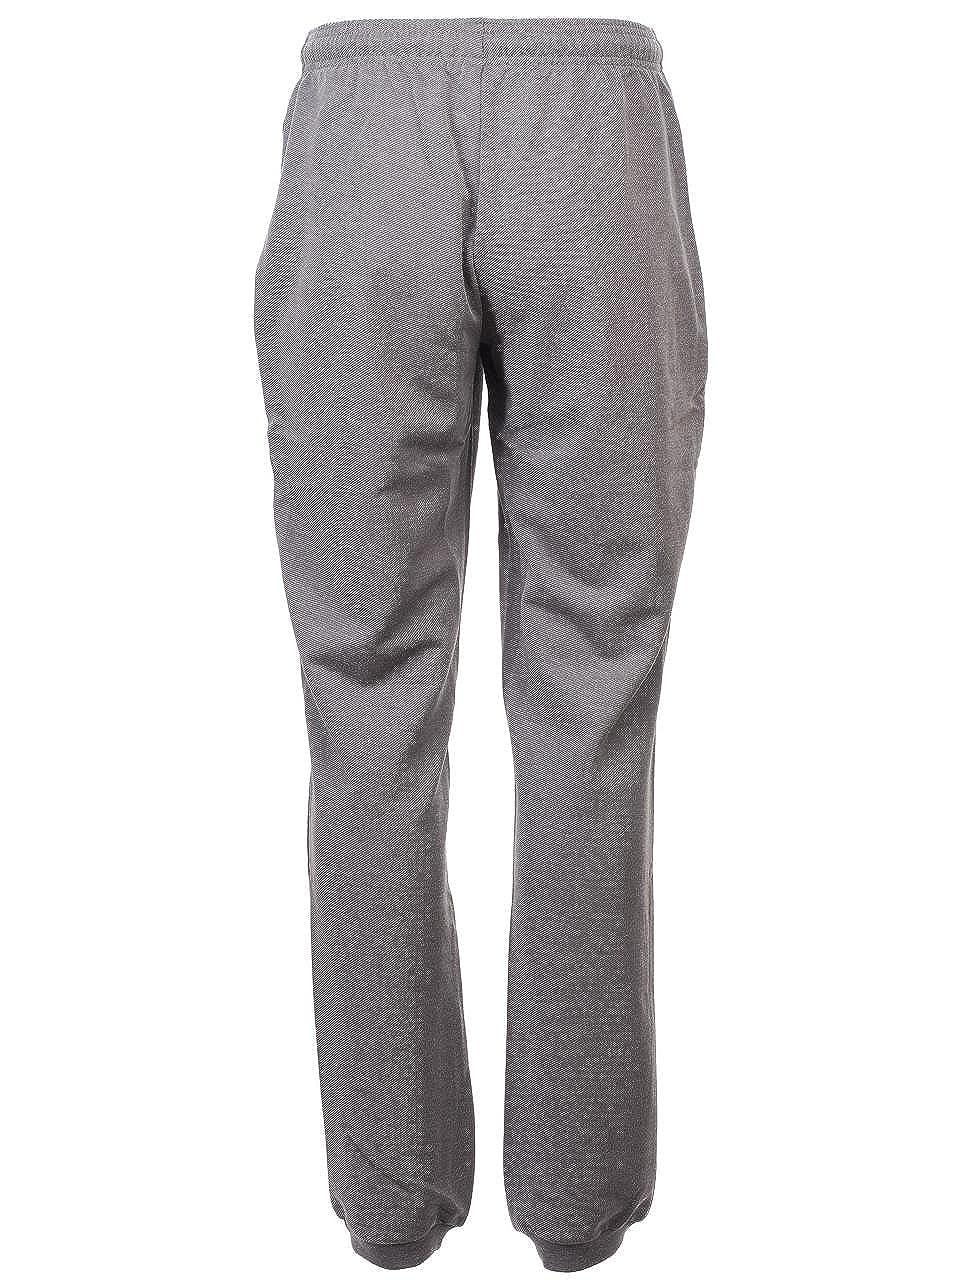 ASICS Hombres Pantalones Sigma: Amazon.es: Deportes y aire libre